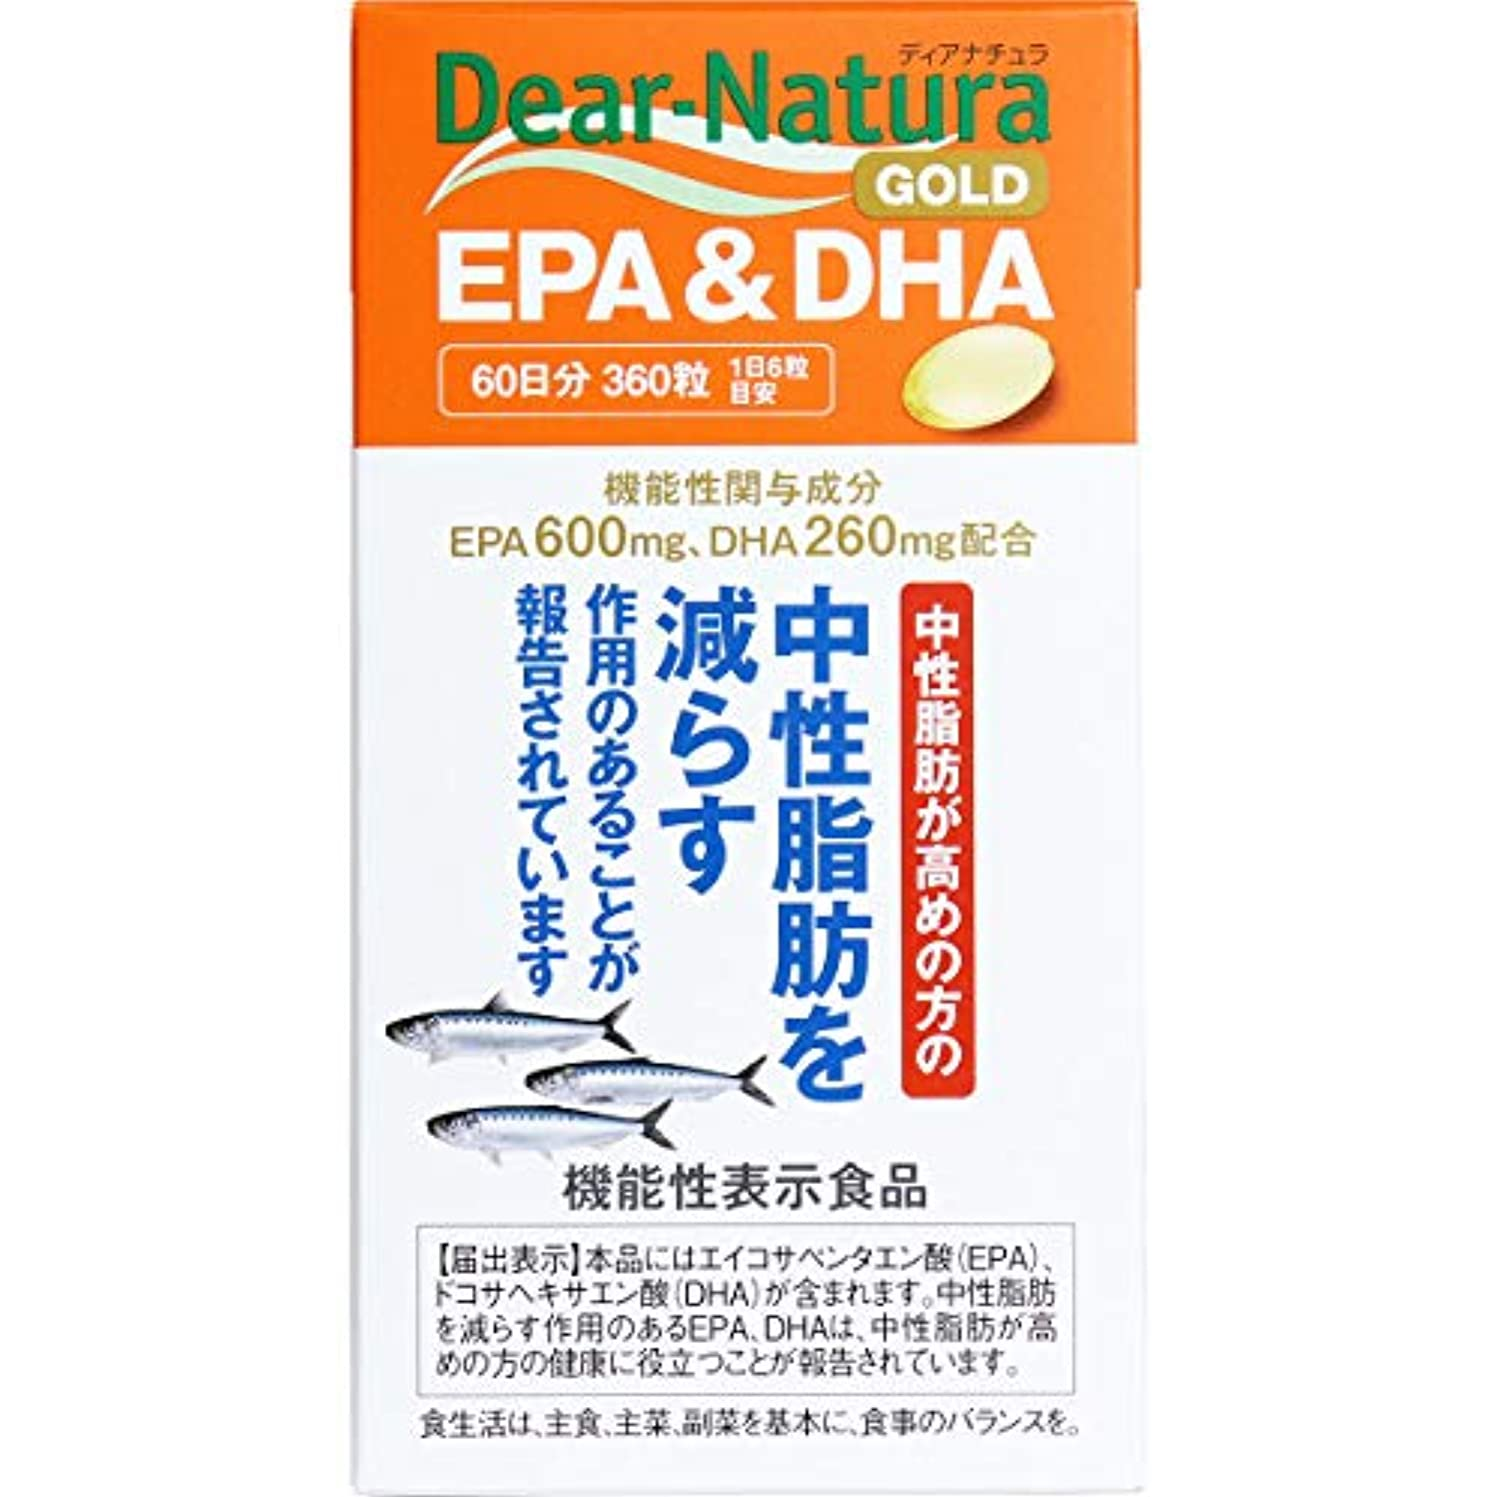 オセアニア高く弱まるディアナチュラゴールド EPA&DHA 60日分 360粒入×5個セット